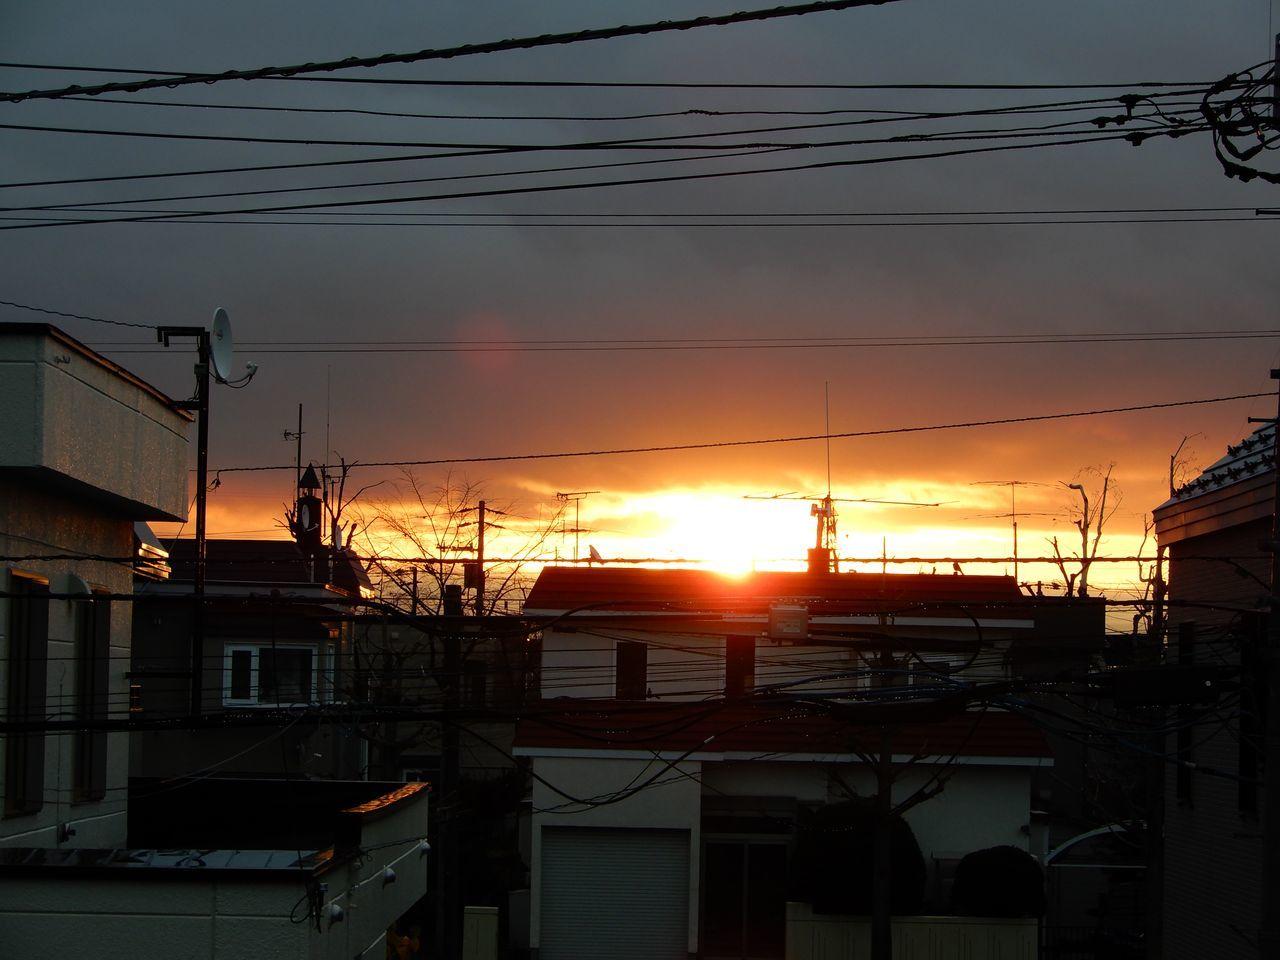 朝焼けの影絵_c0025115_21195336.jpg